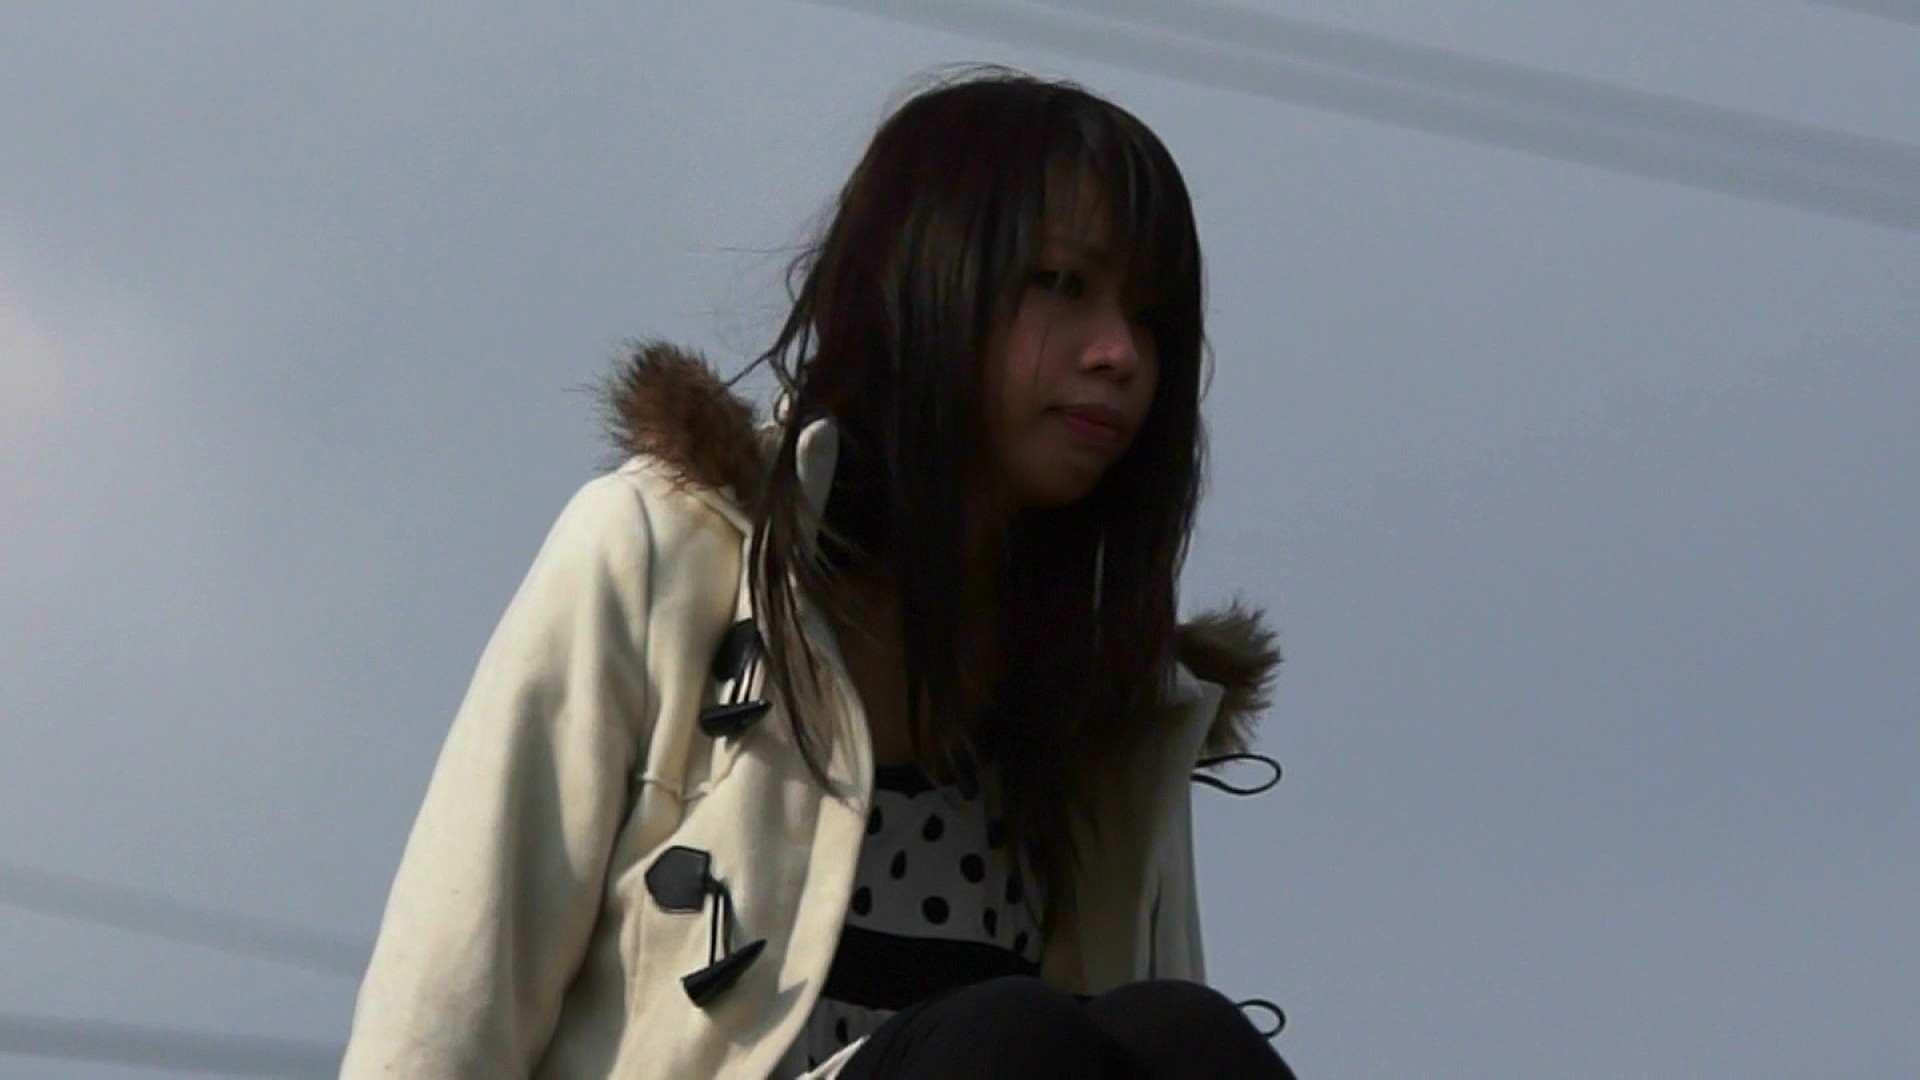 vol.2 自宅近く思い出の地で黄昏る志穂さん お姉さん攻略  83画像 30